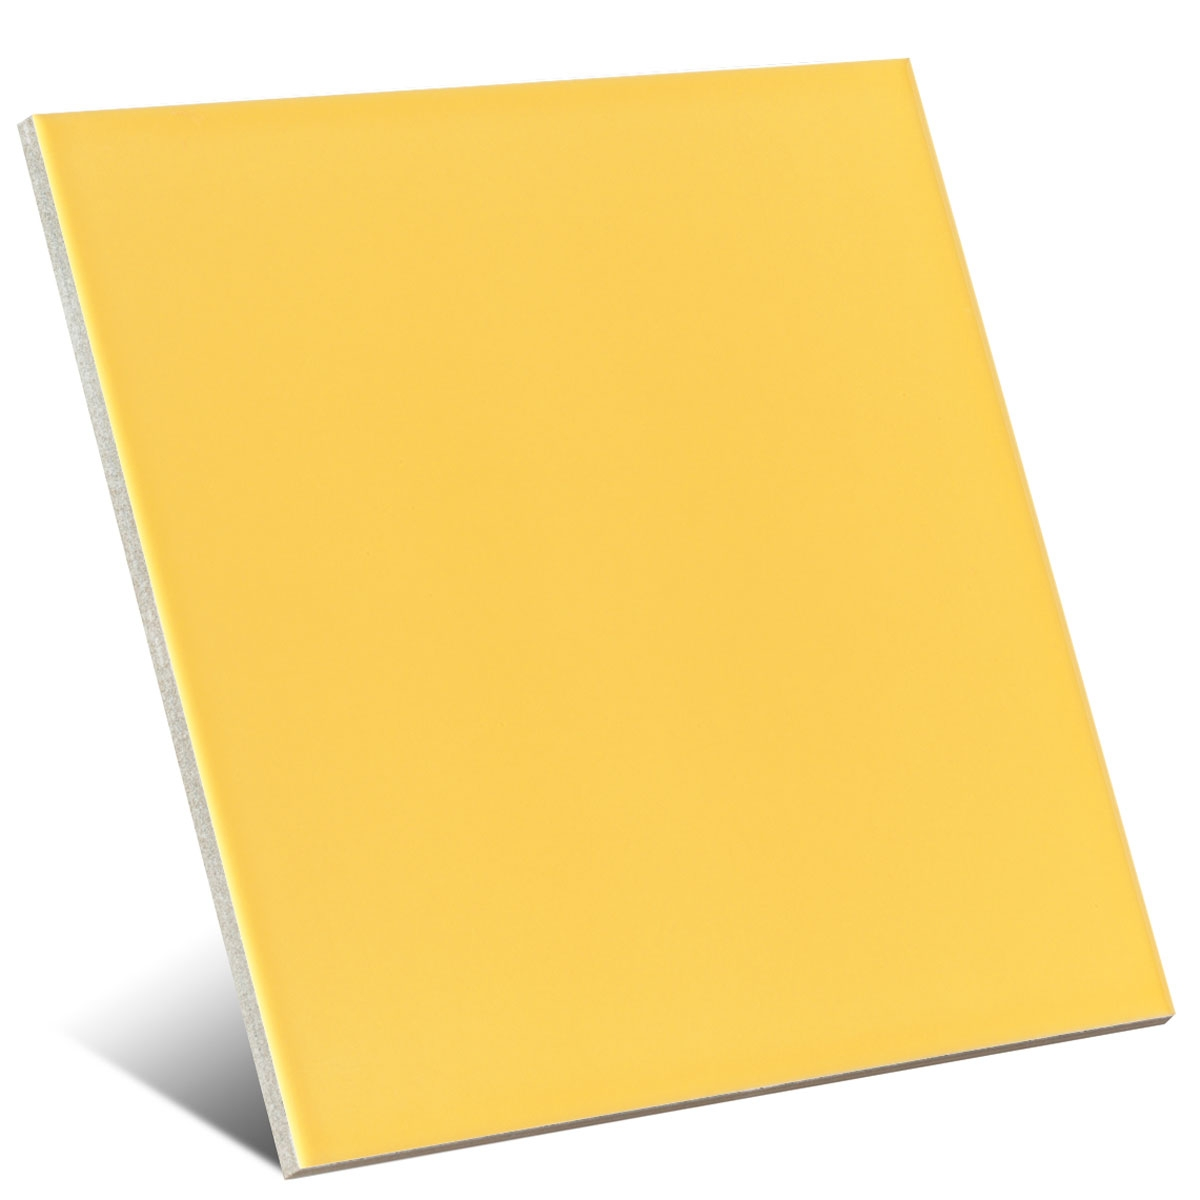 Color Amarillo Brillo 20x20 cm (caja 1 m2)